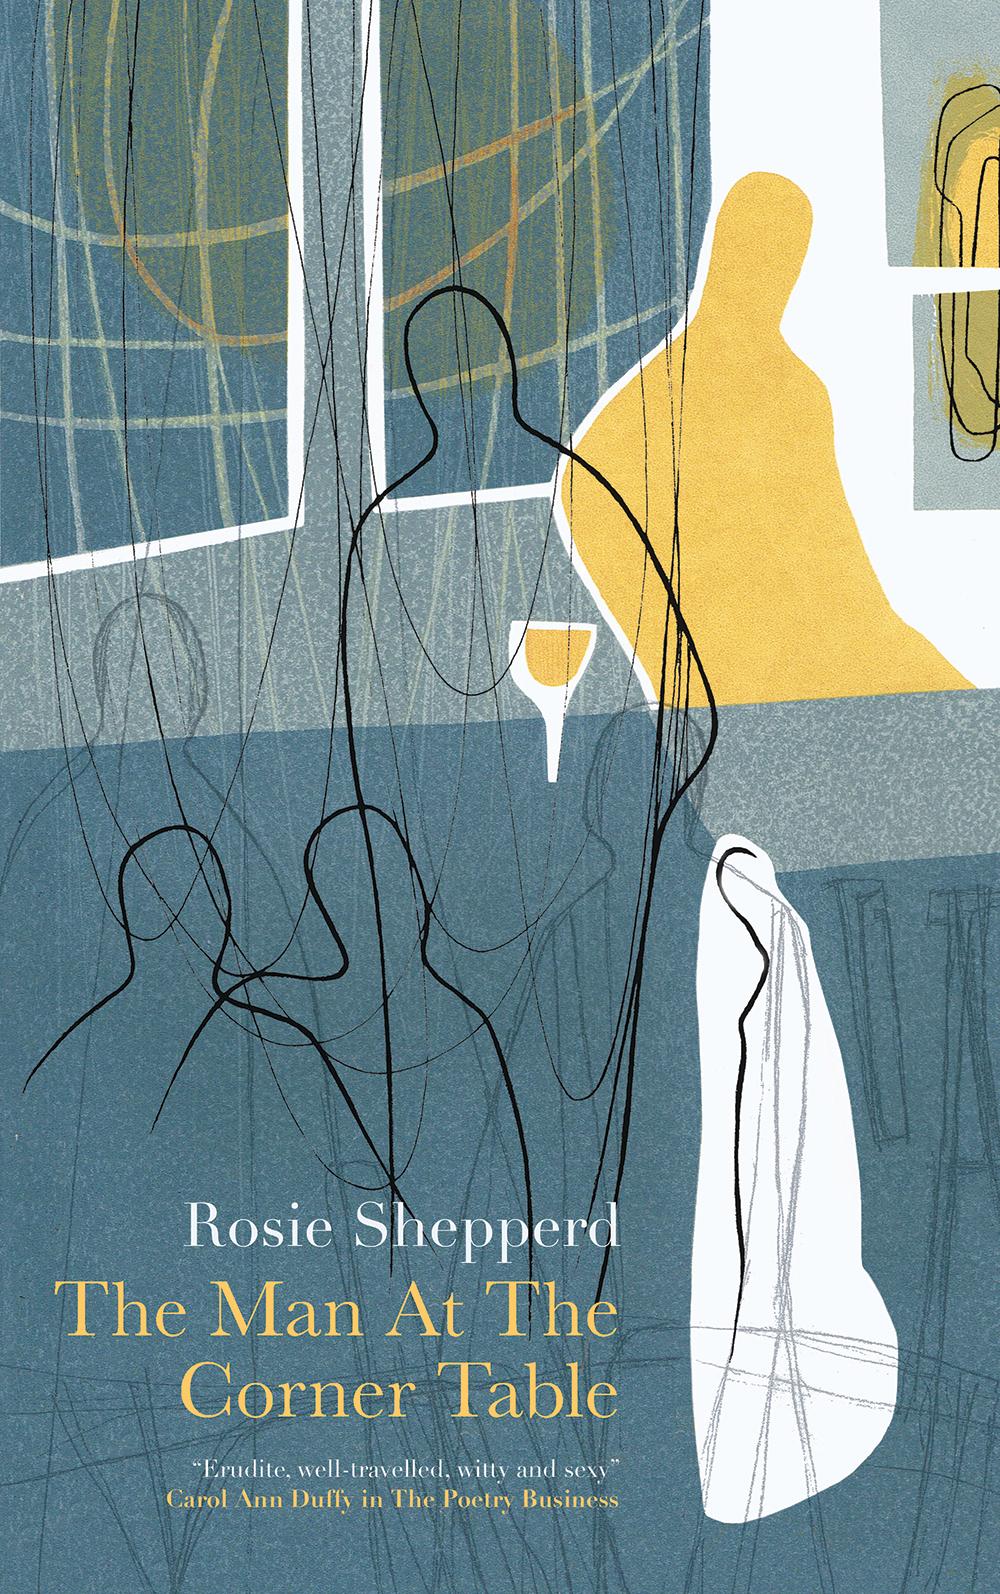 rosie shepperd image